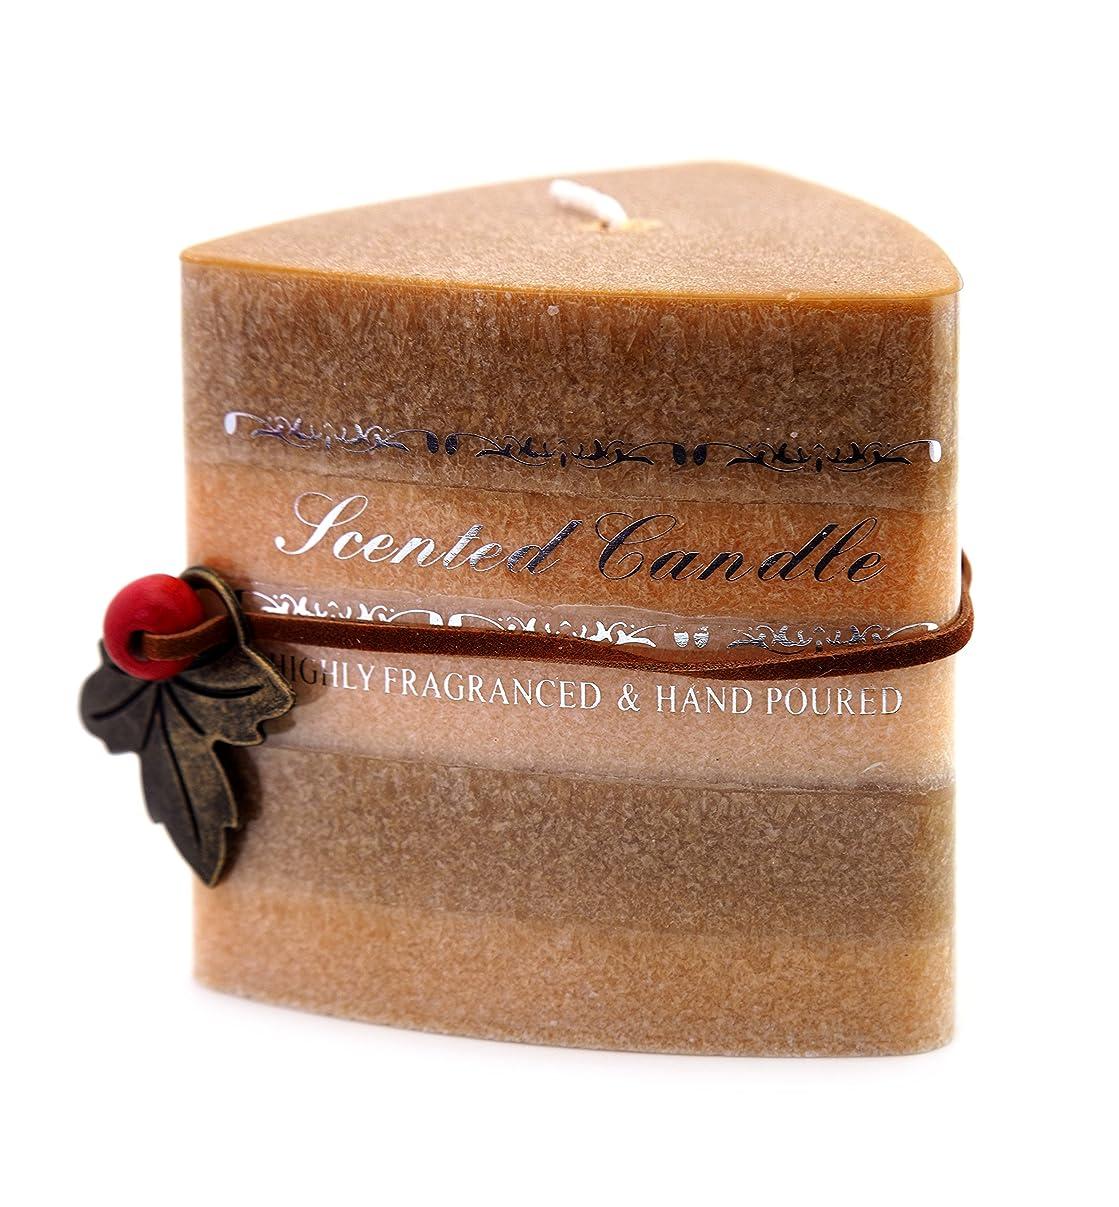 統計的アーティスト未使用creationtop手作り香りのキャンドルホームインテリアアロマキャンドル